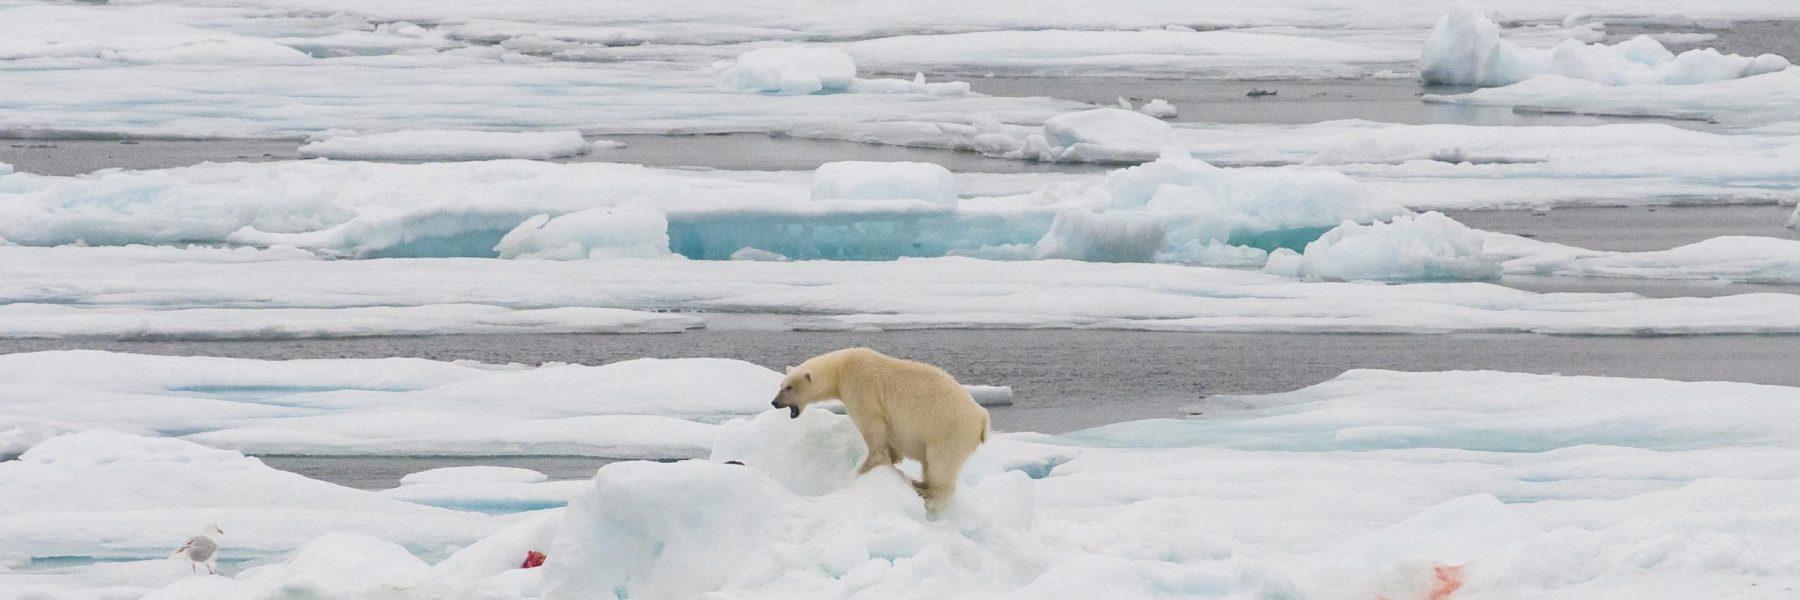 Eisbär und frisches Fleisch auf einer Eisscholle im Packeis vor Baffin Island, Nunavut, Arktis, Kanada